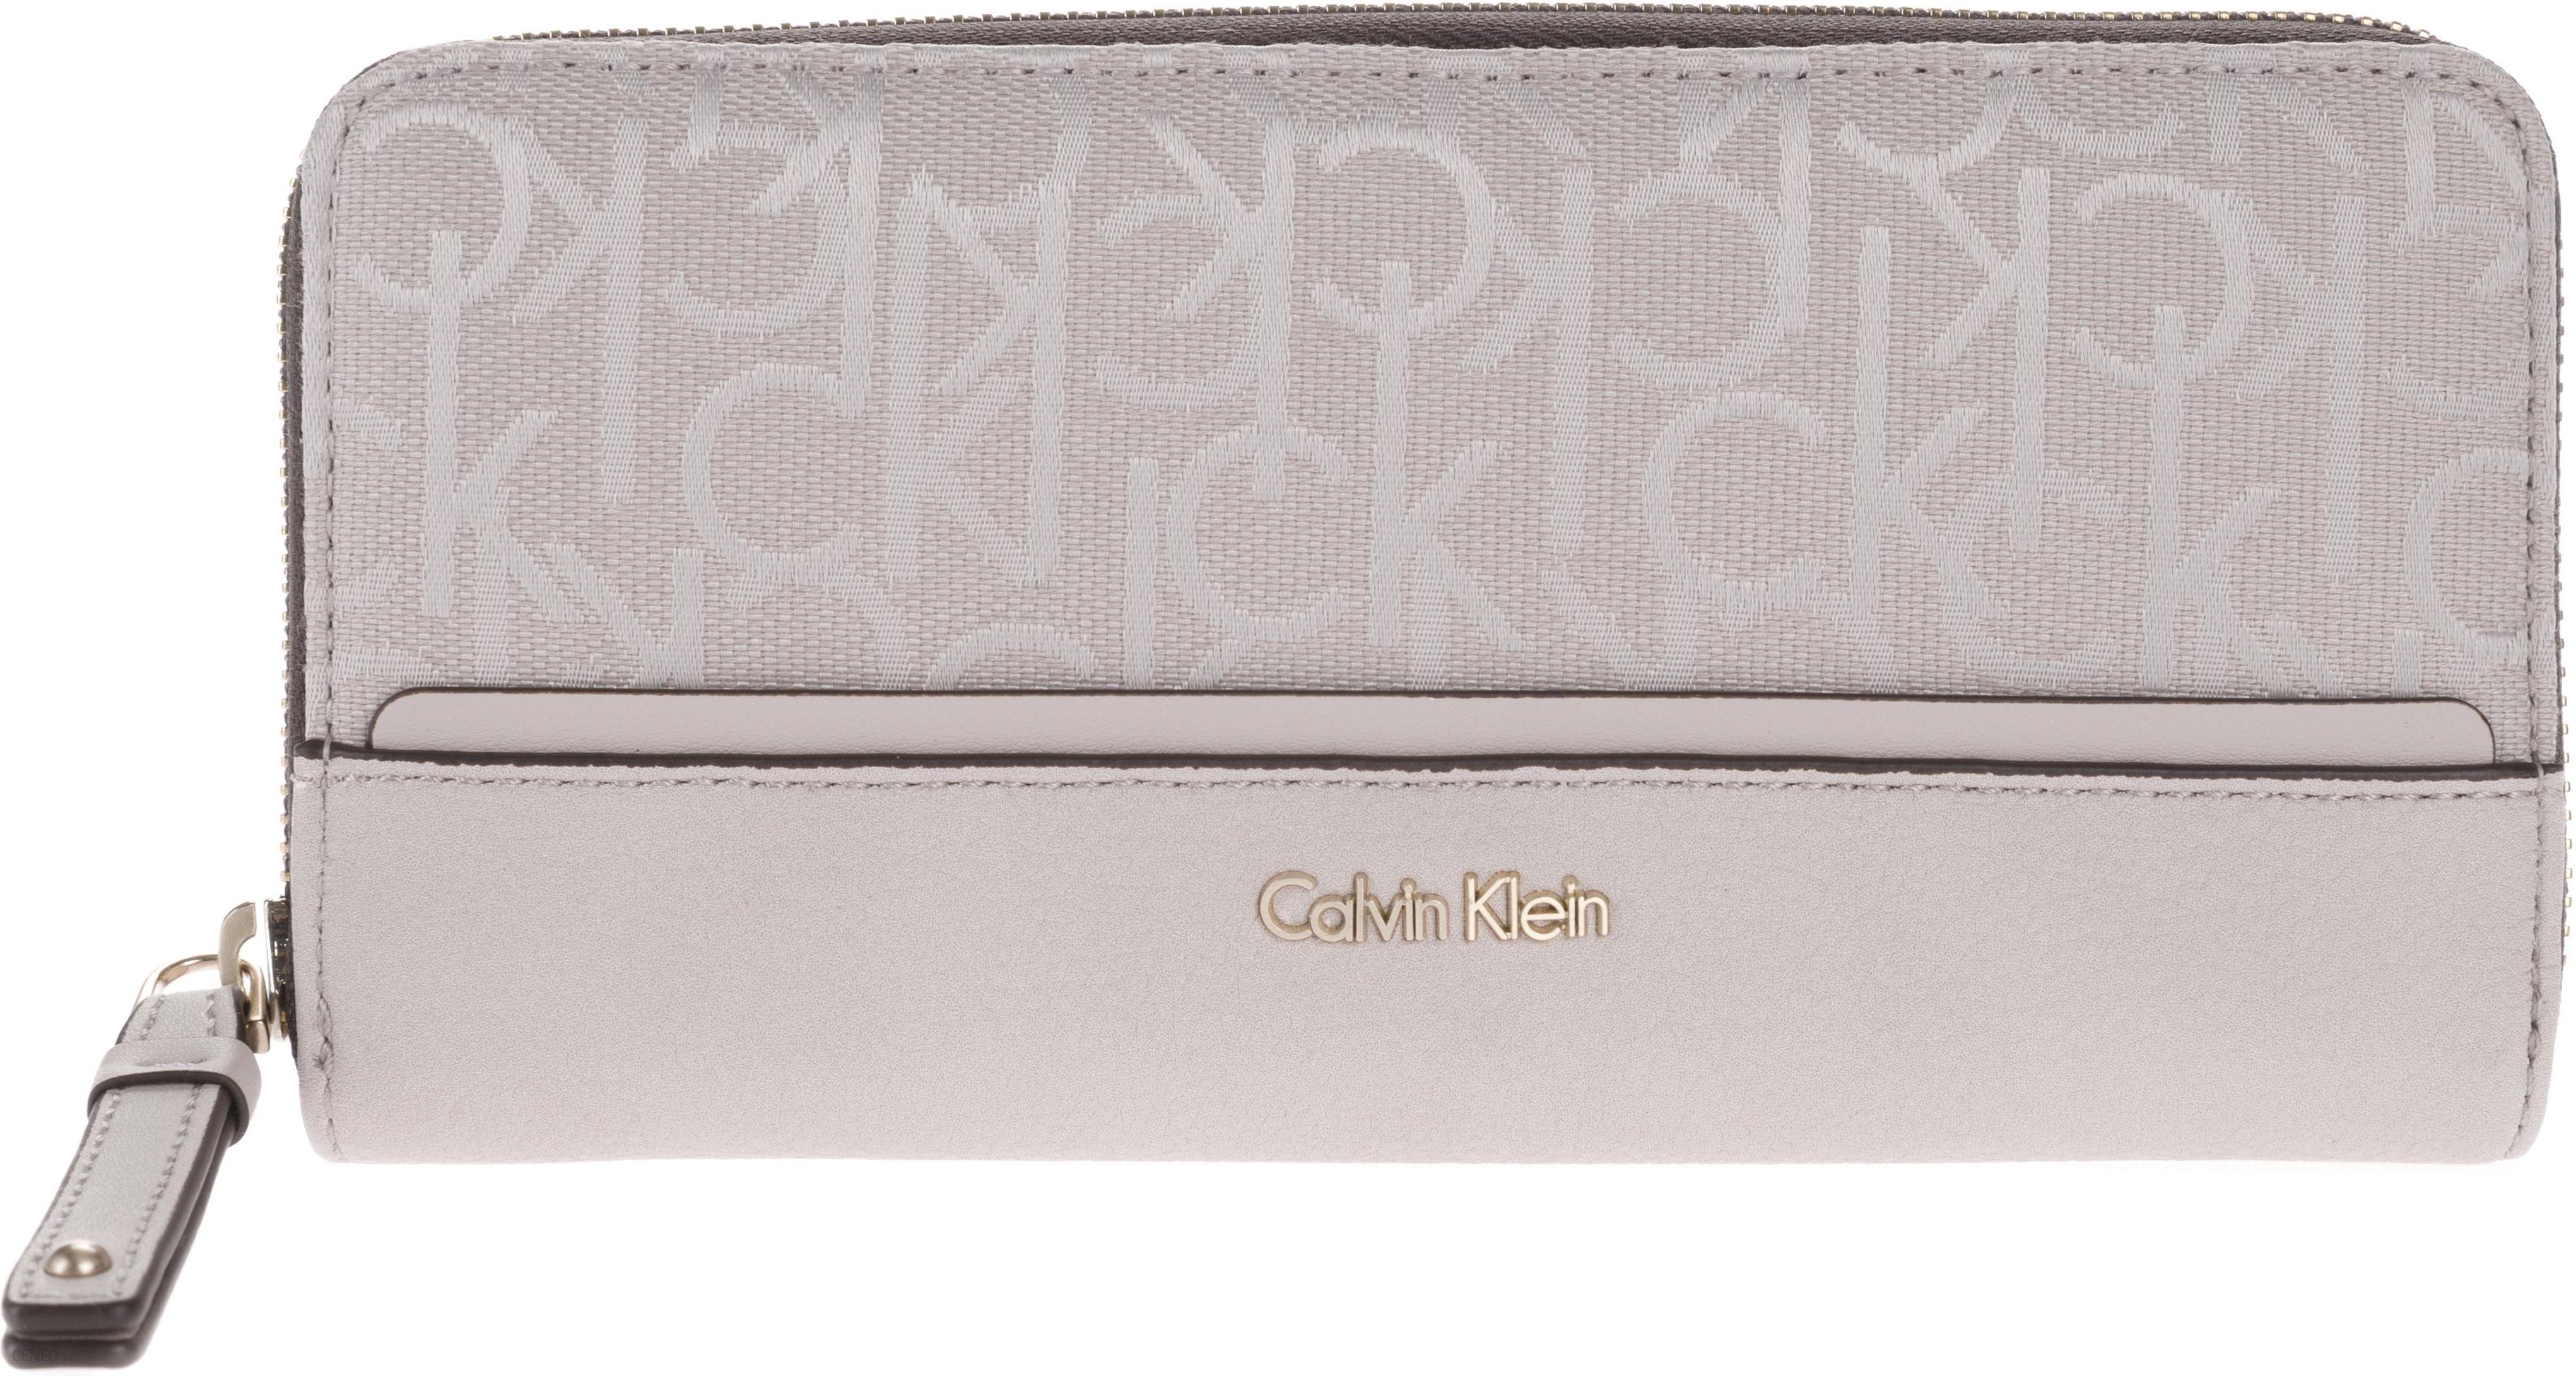 566821b116fa8 Calvin Klein Marina Portfel Różowy Szary UNI - Ceny i opinie - Ceneo.pl